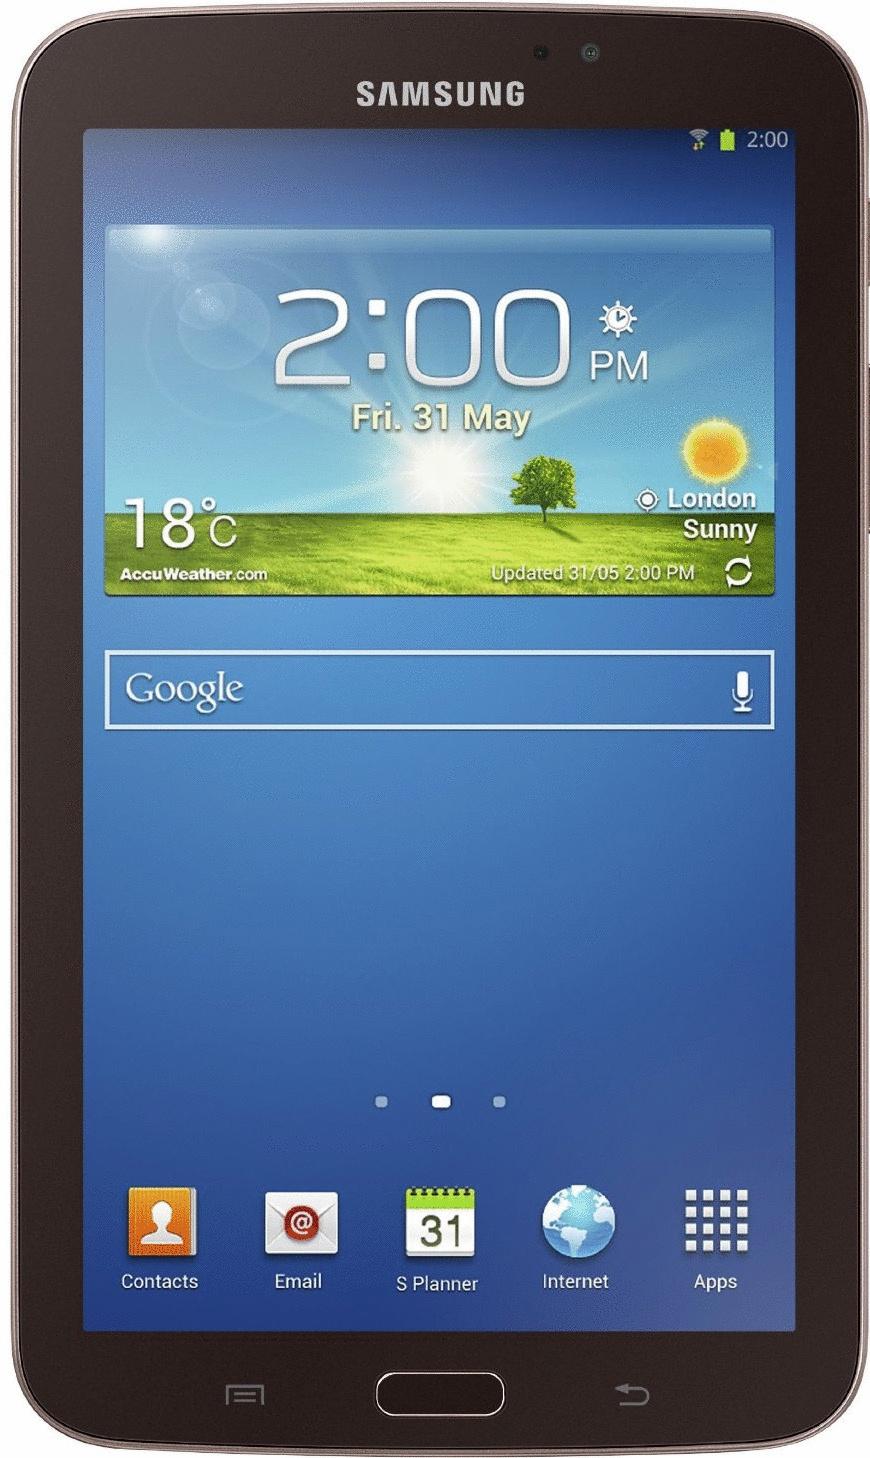 Samsung Galaxy Tab 3 7.0 7 8GB [Wi-Fi] goudbruin